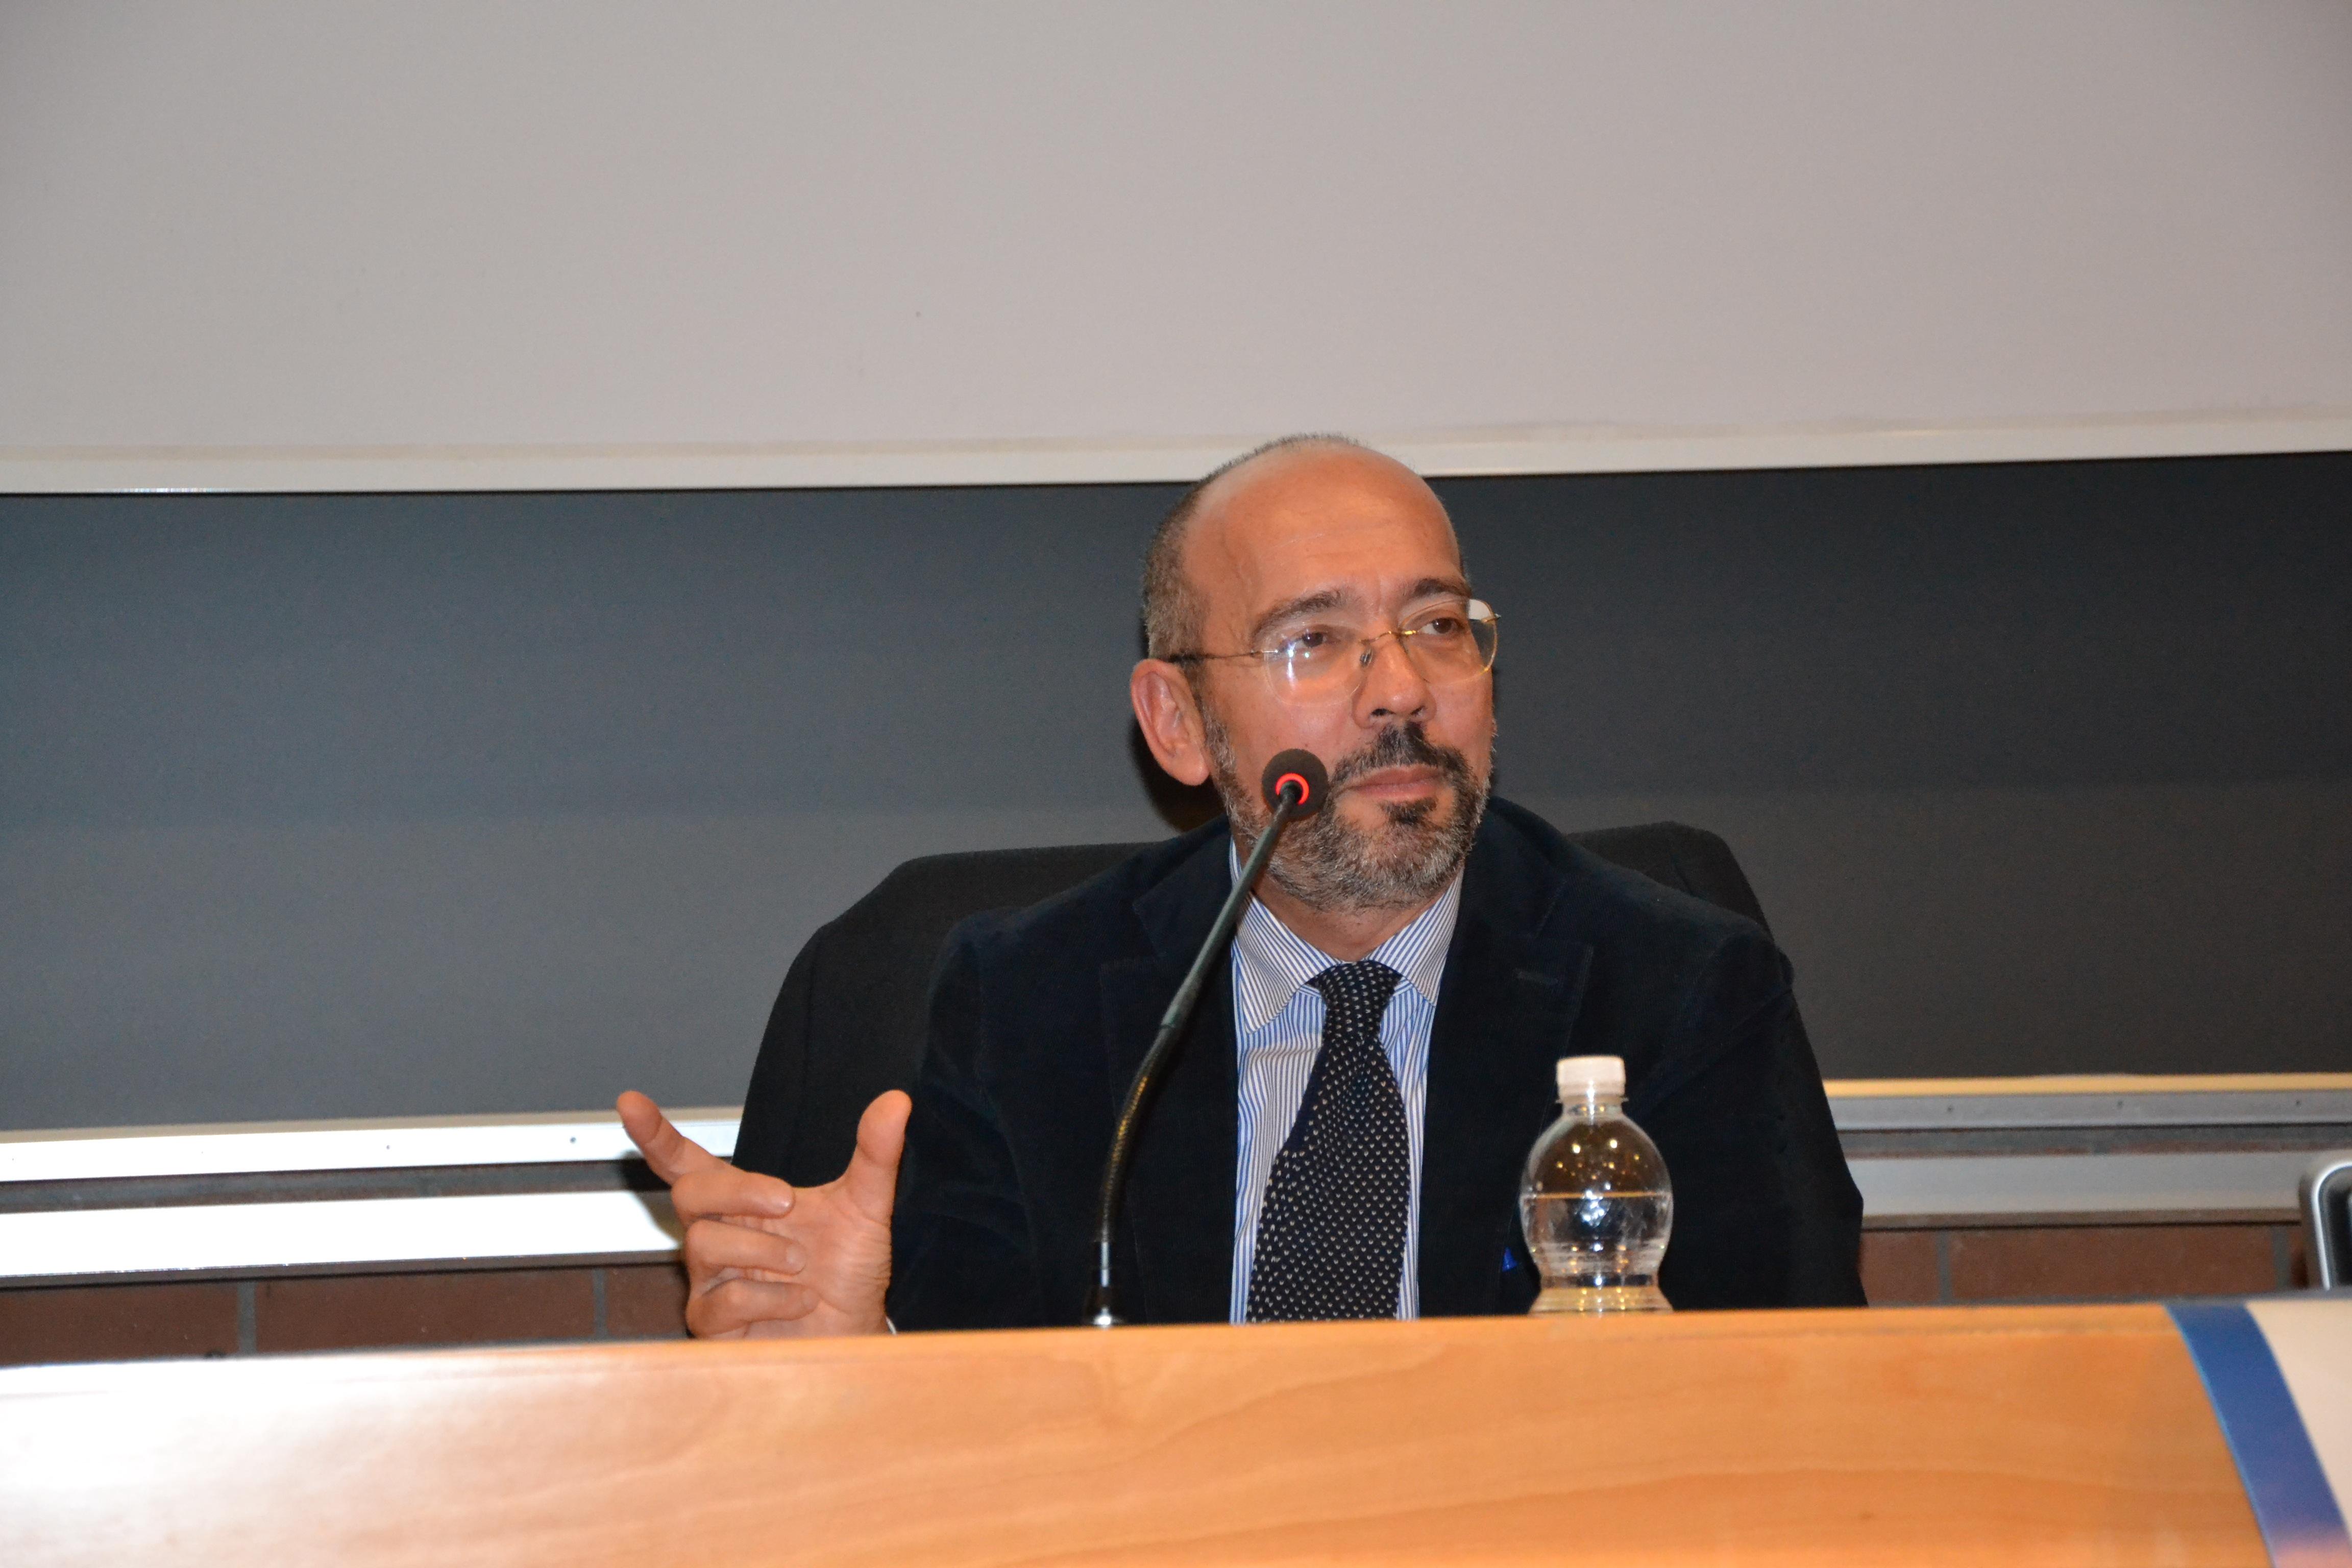 Esposito Costantino